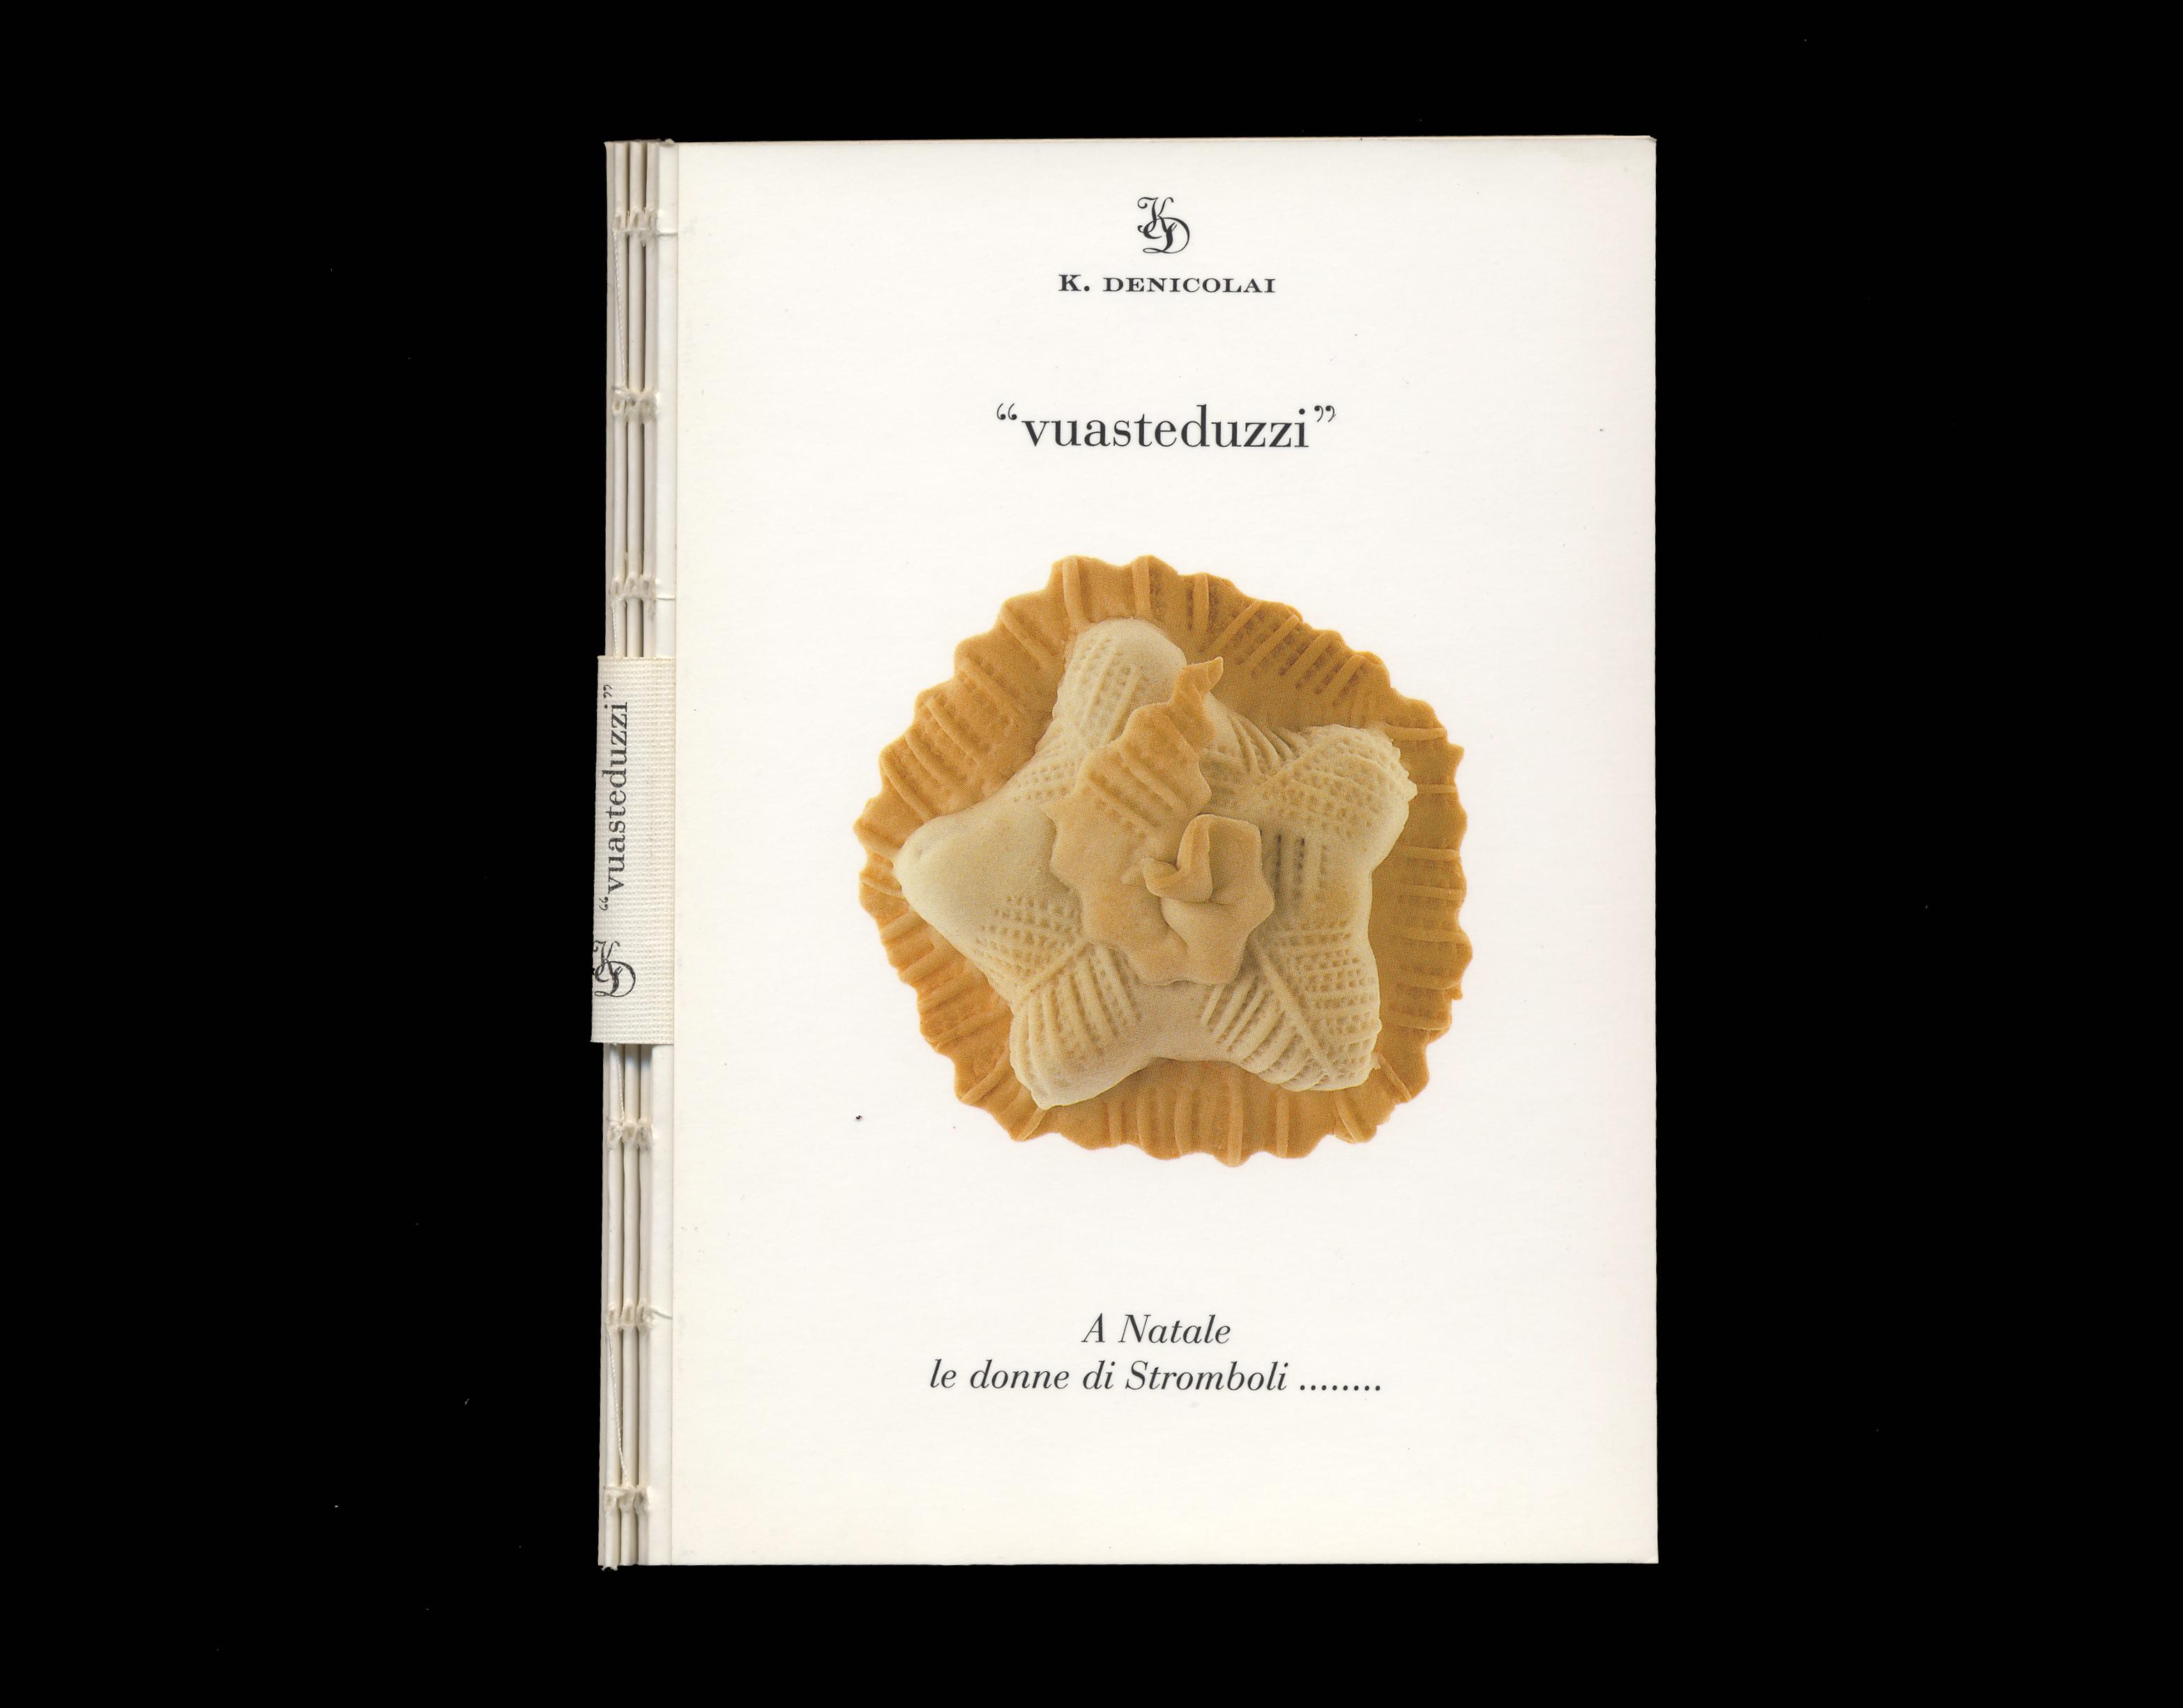 """"""" vuasteduzzi """" rural design book isola di stromboli. Christmas pastries edited in 2001 by Kamla Denicolai Project: Studio Camilla Santi photo: Marirosa Toscani Ballo"""